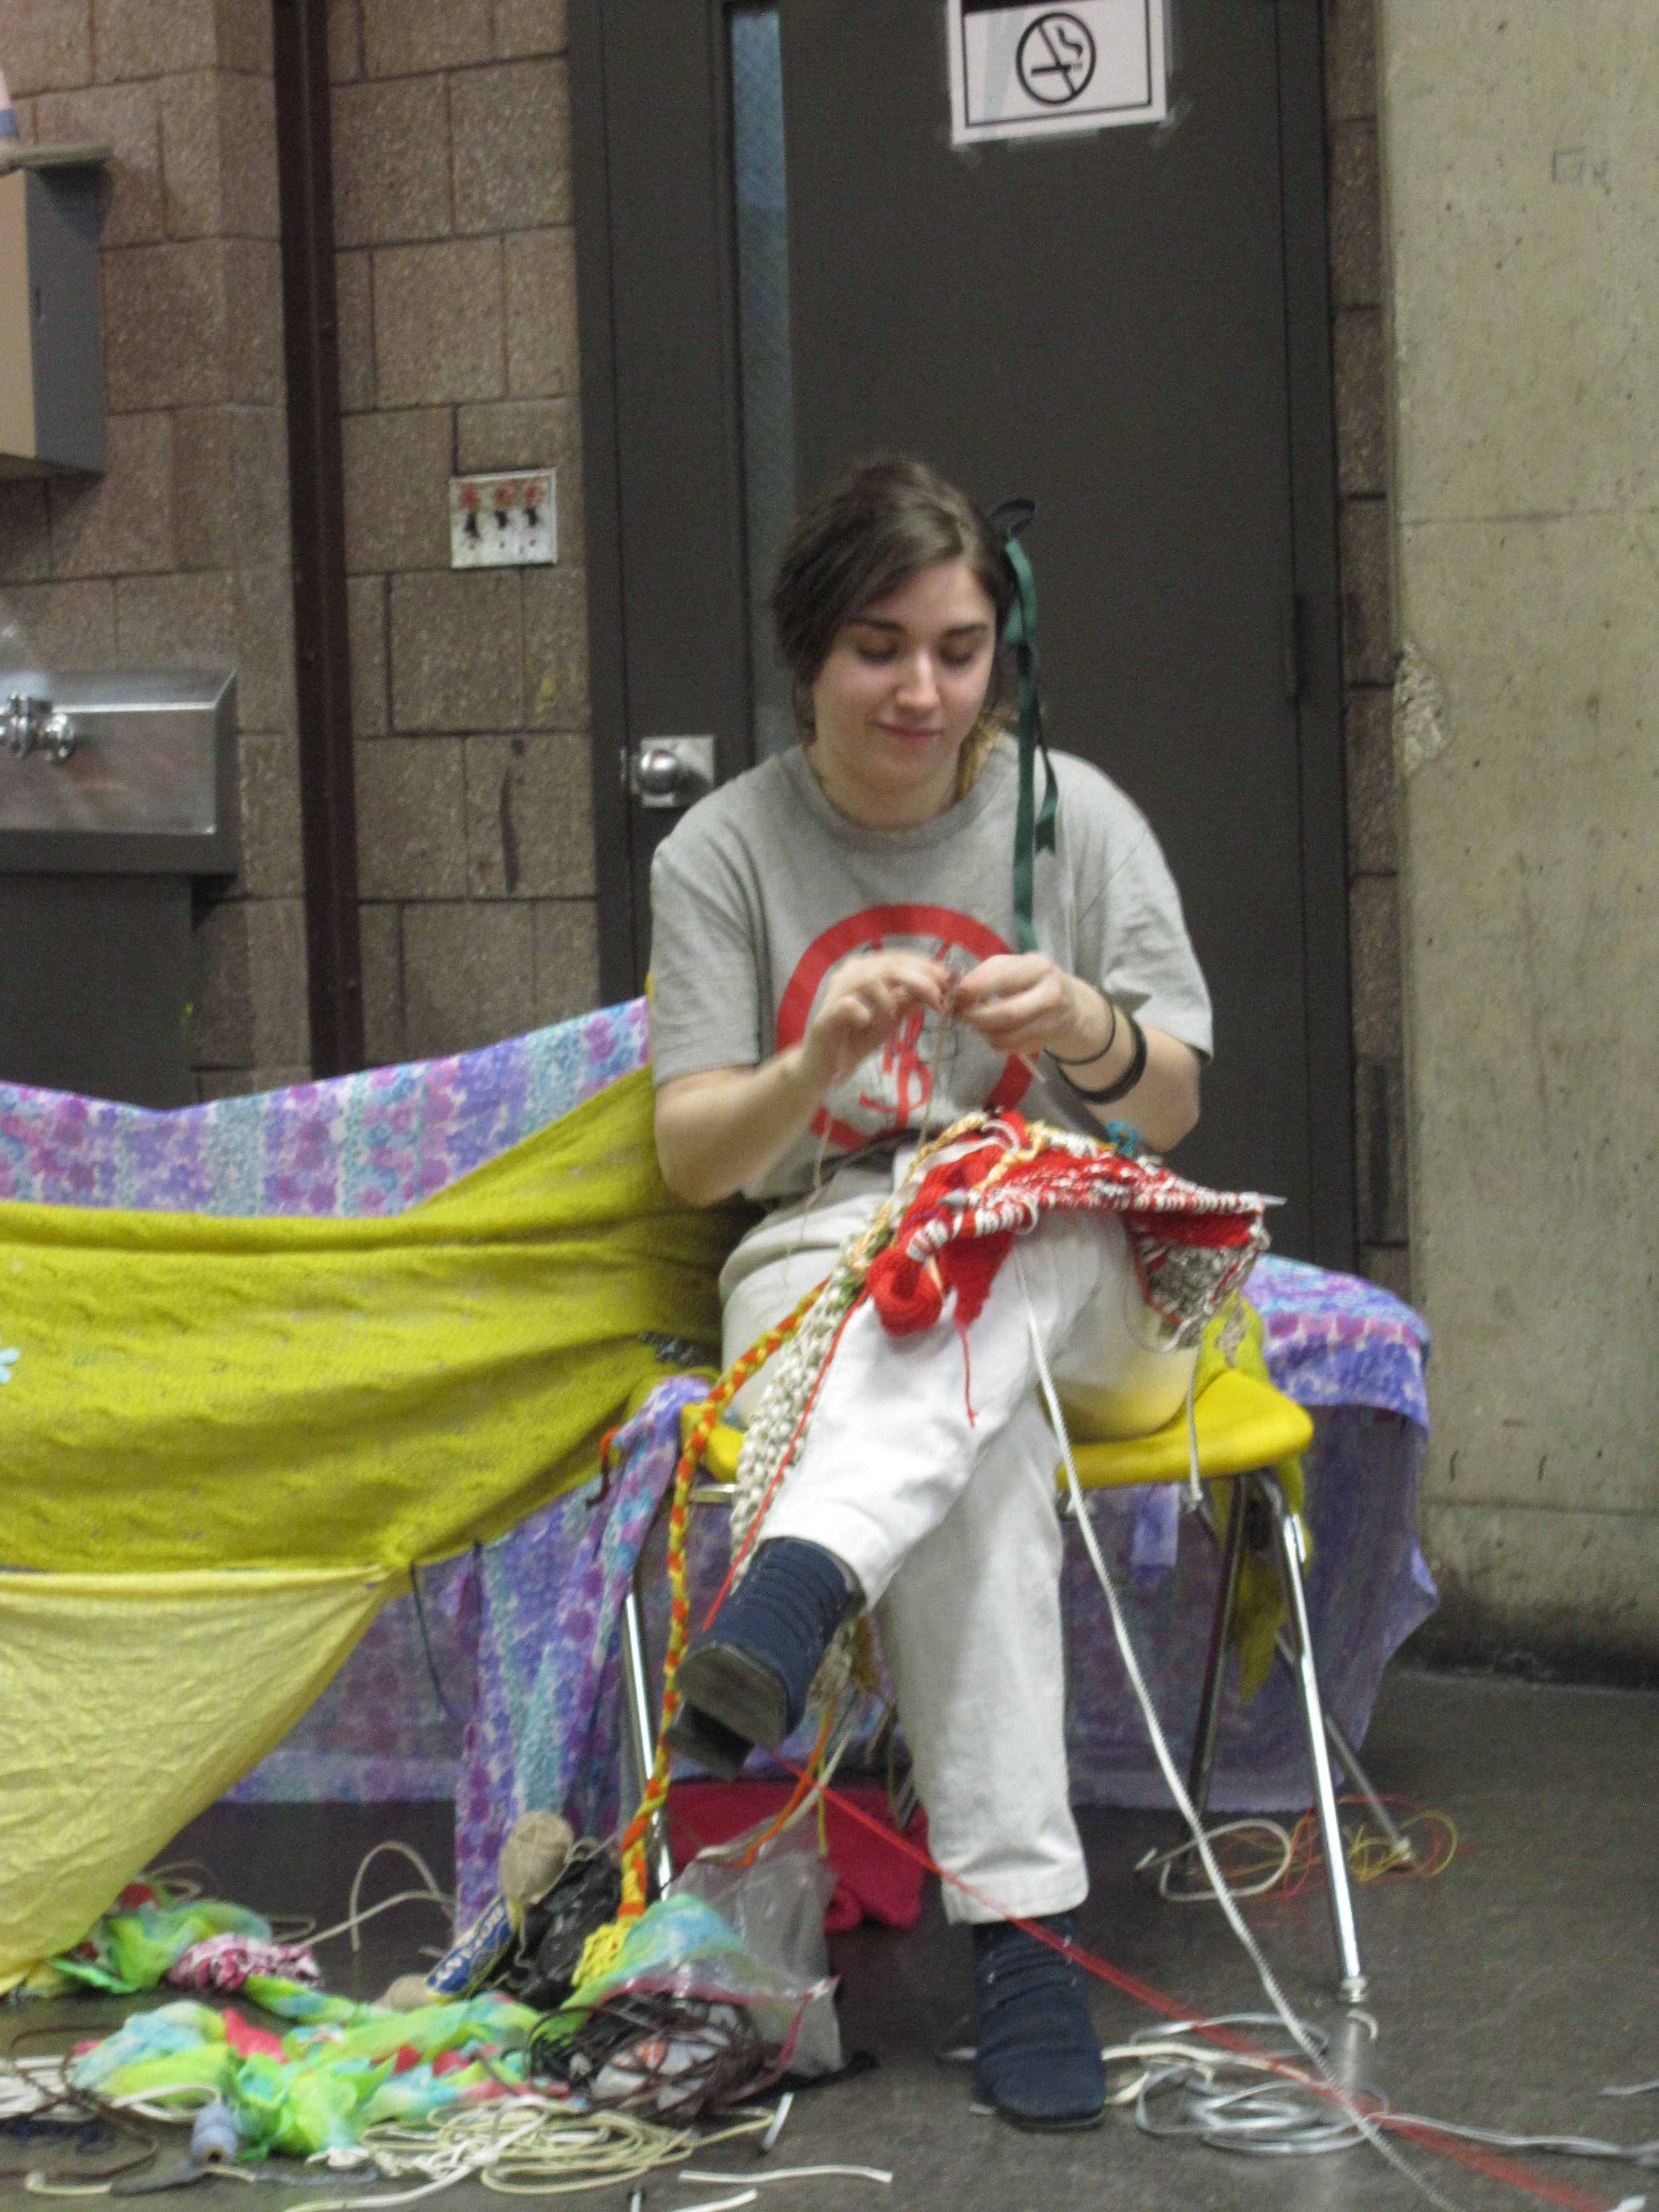 knittingmarathon10_4314857437_o.jpg